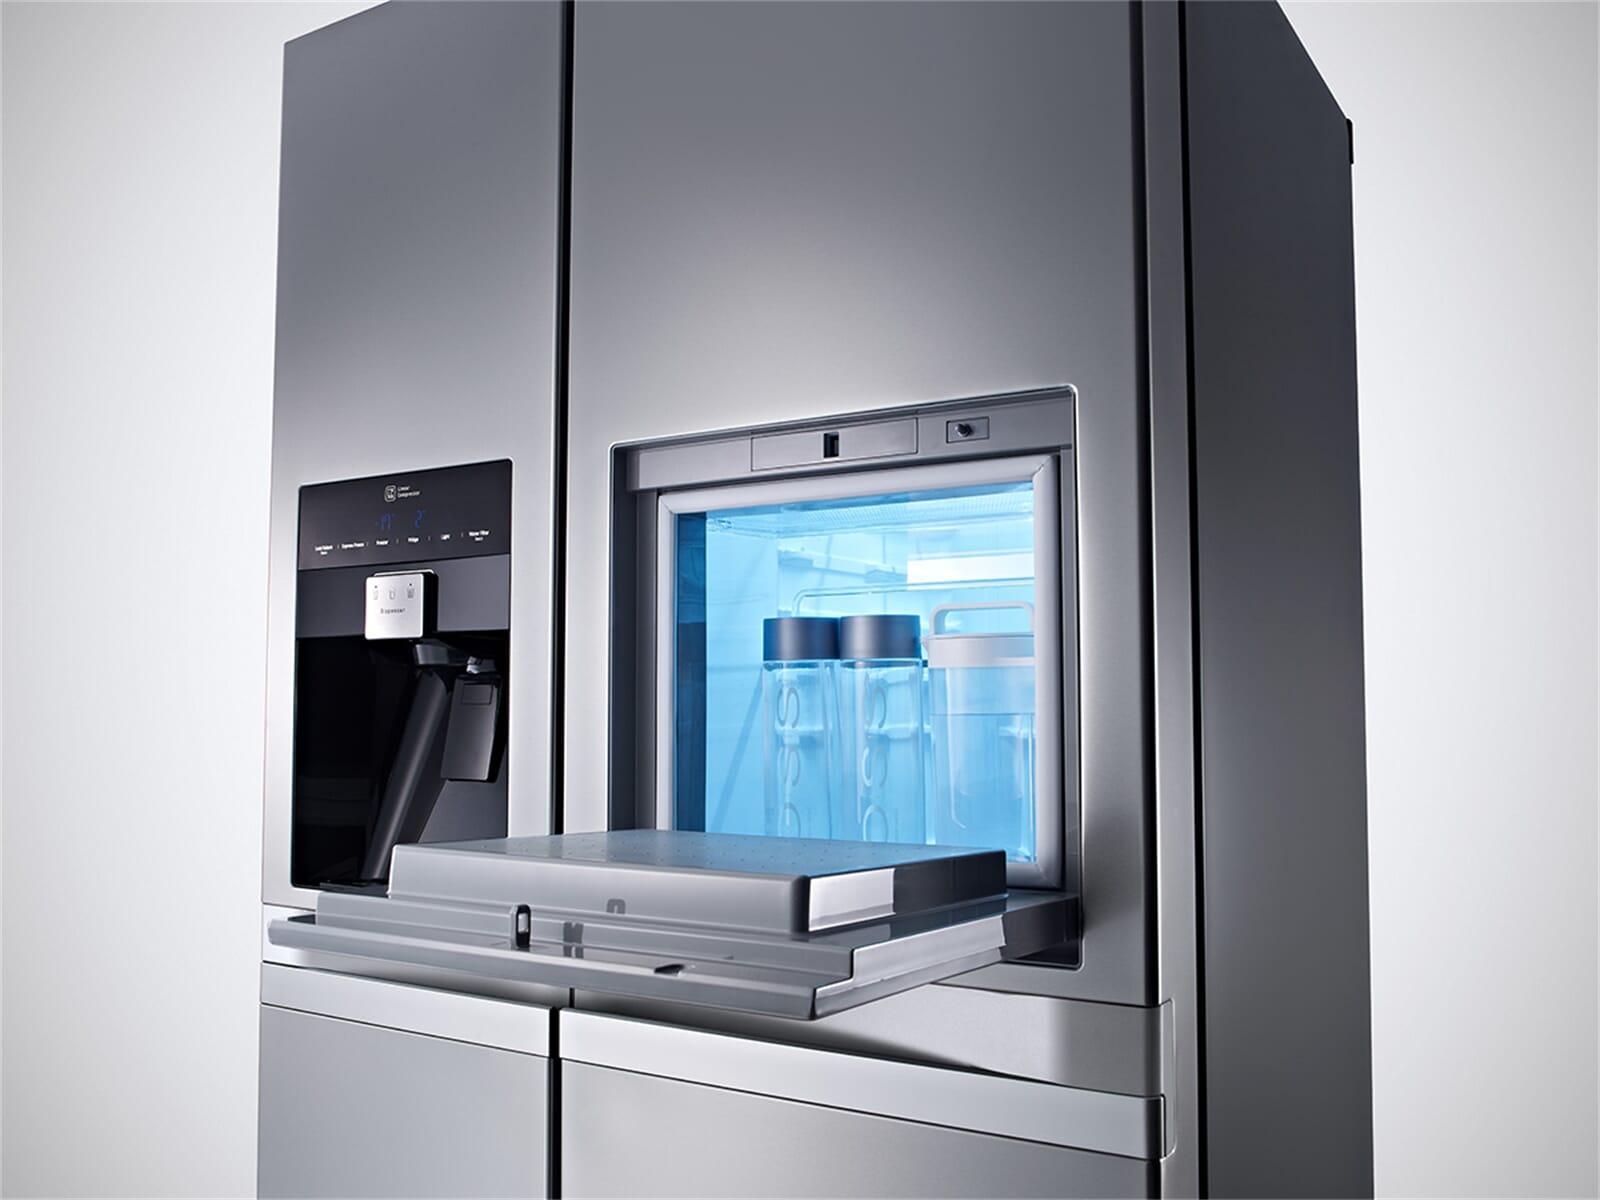 Minibar Kühlschrank Leise : Leiser kühlschrank statussymbol kühlschrank sogar im